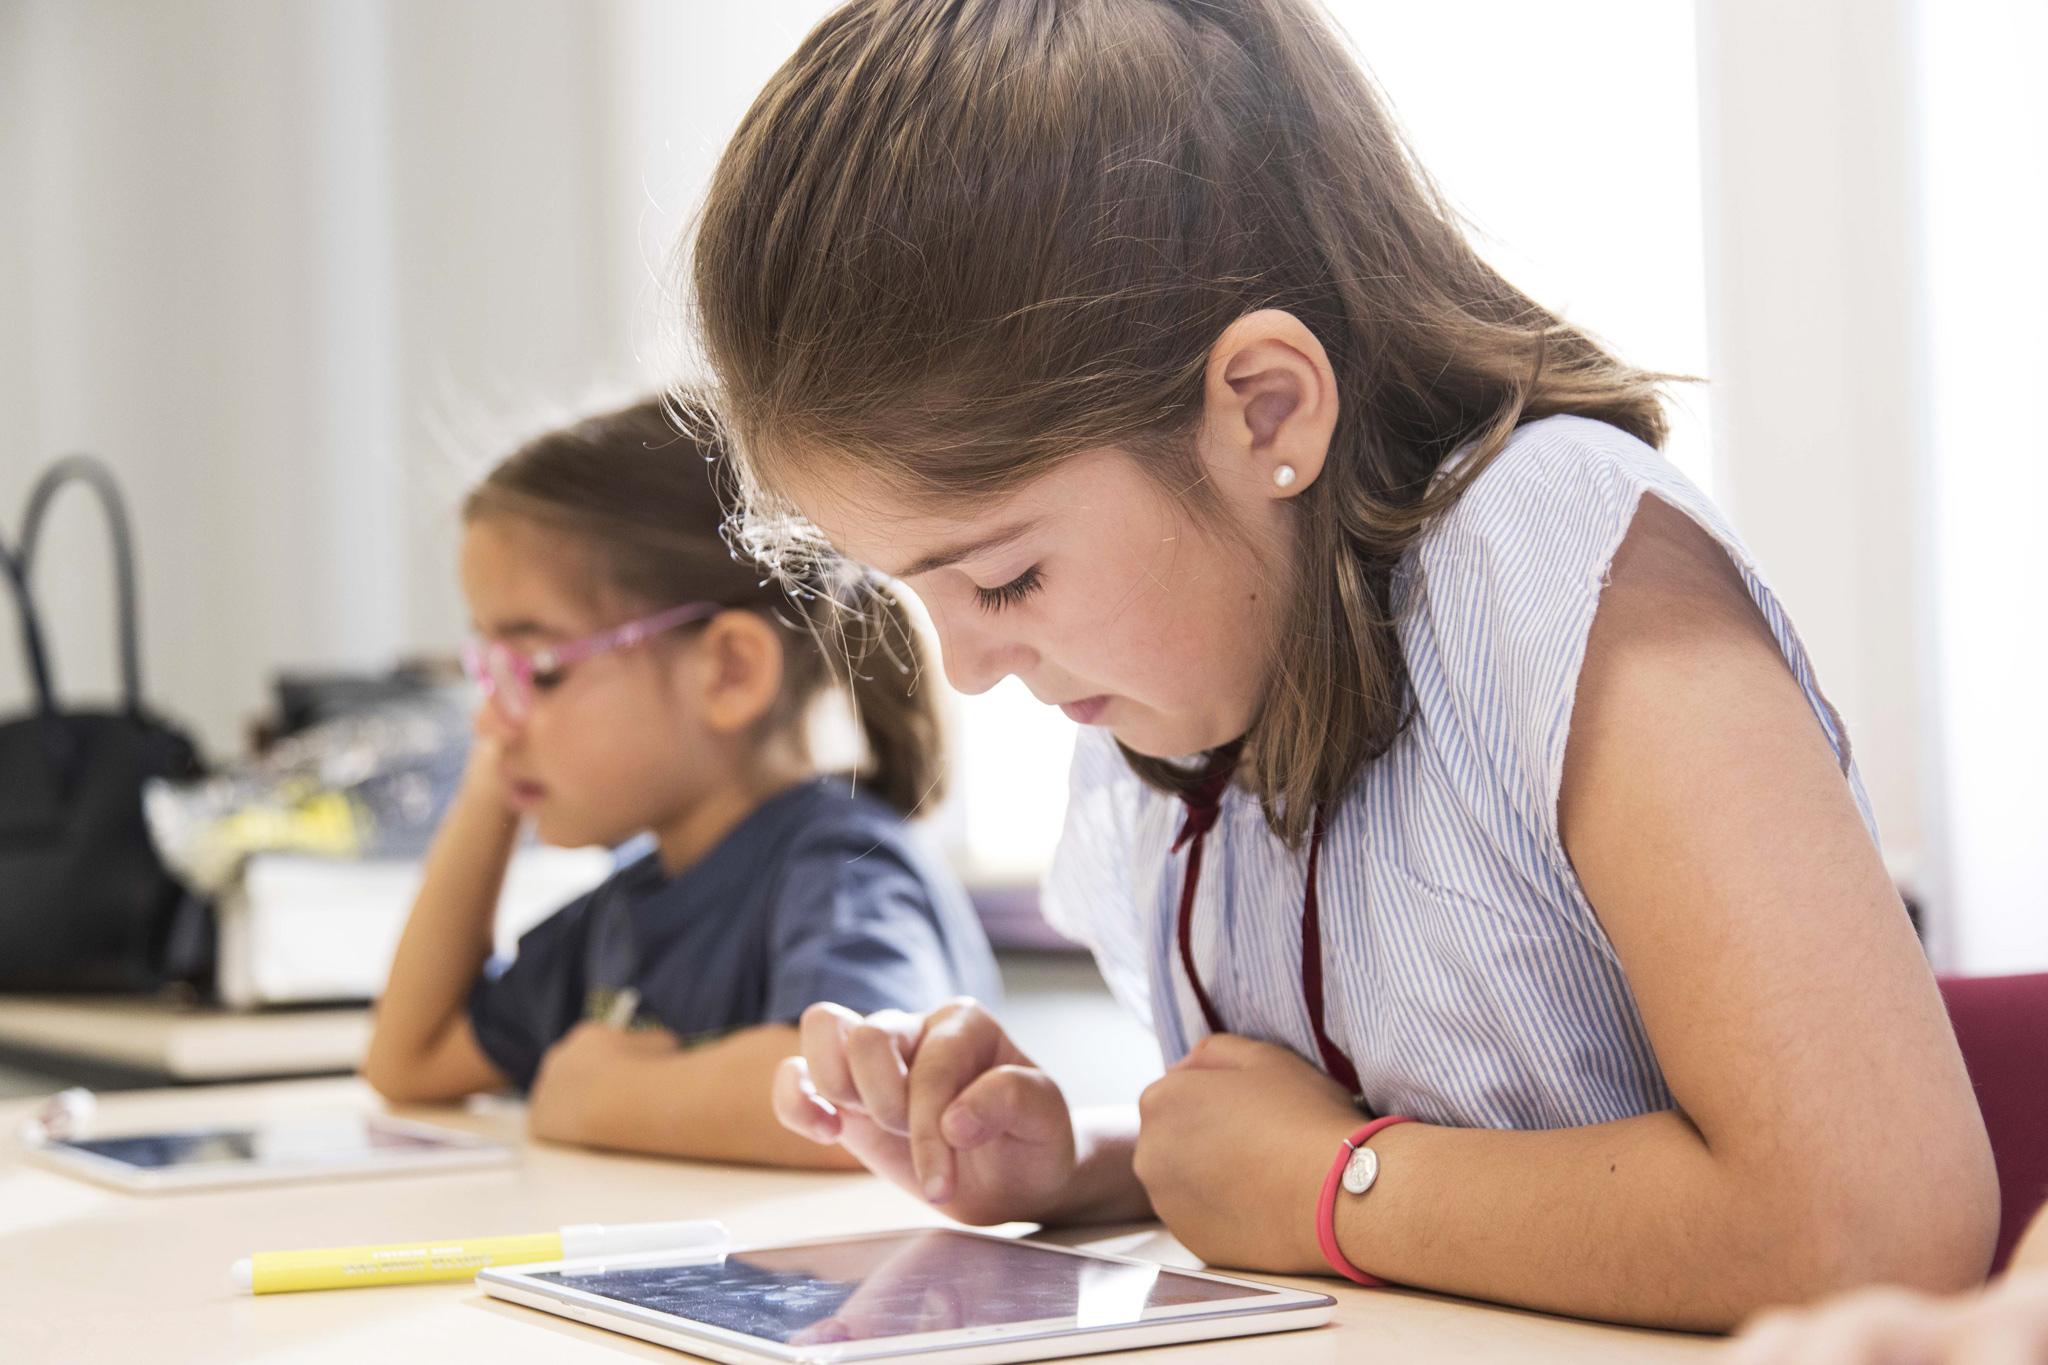 Educación: 4 consejos para acercar a las niñas a las ciencias, la matemática y la tecnología